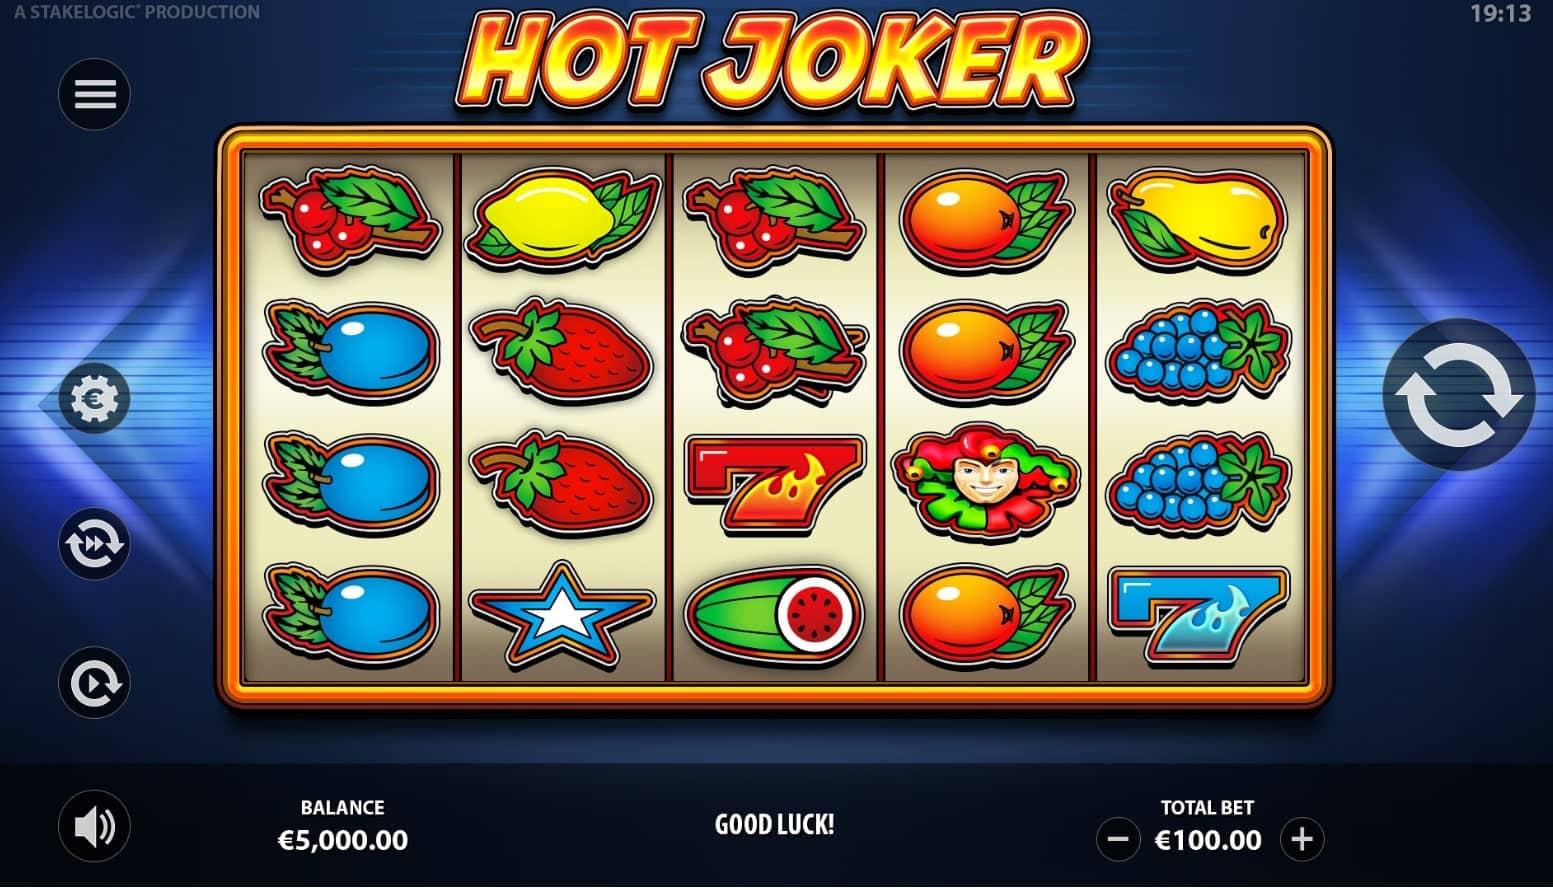 Hot Joker Slot Base Game